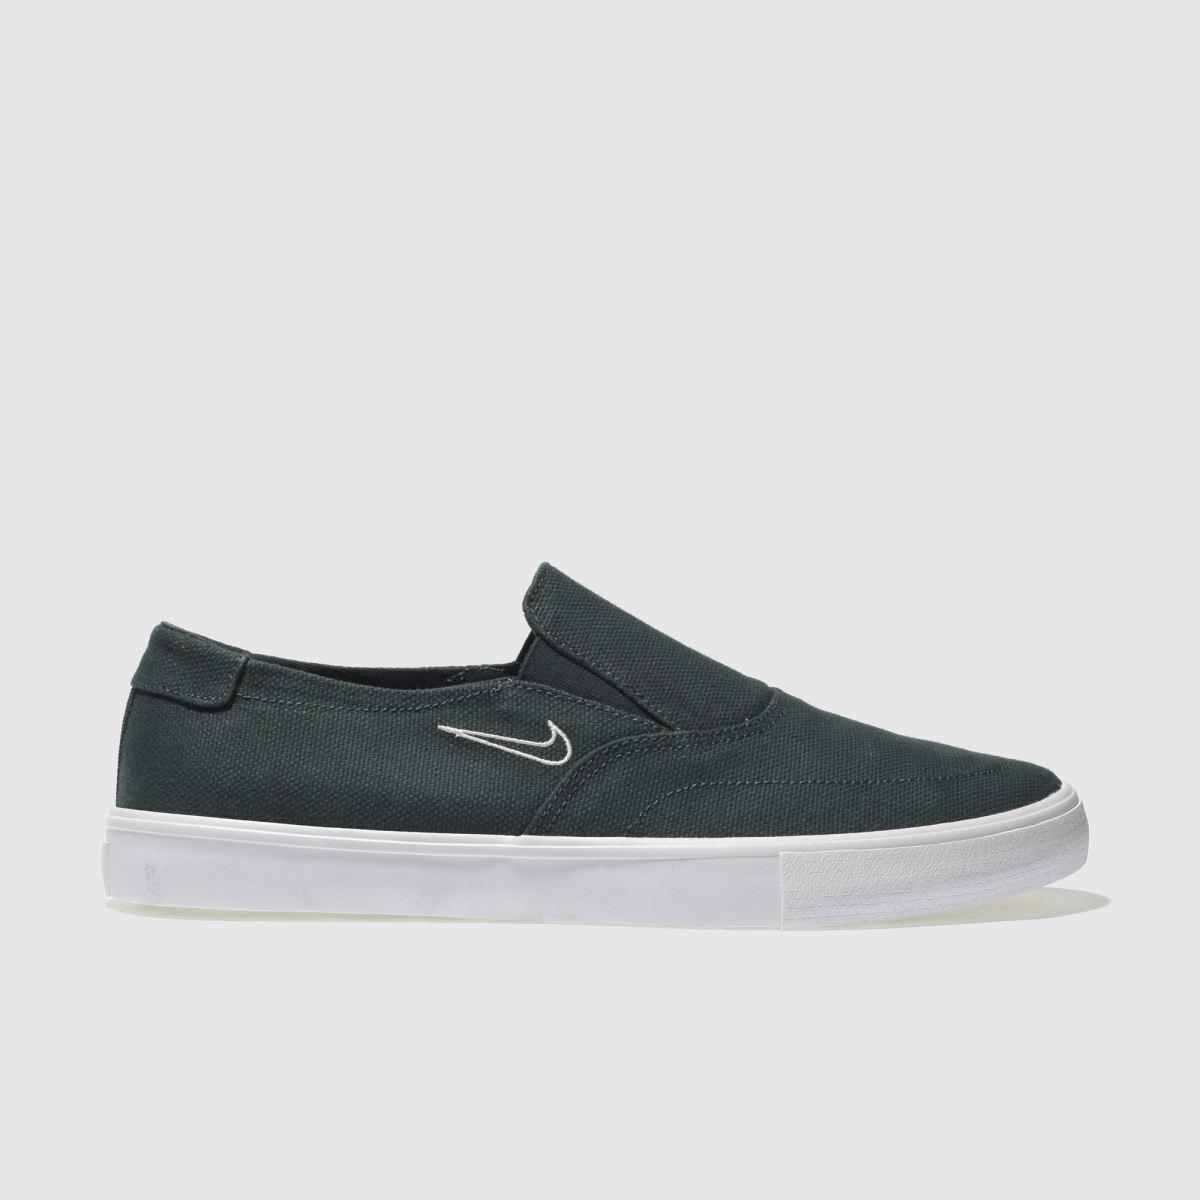 Nike SB Nike Sb Dark Green Portmore Ii Slip Trainers